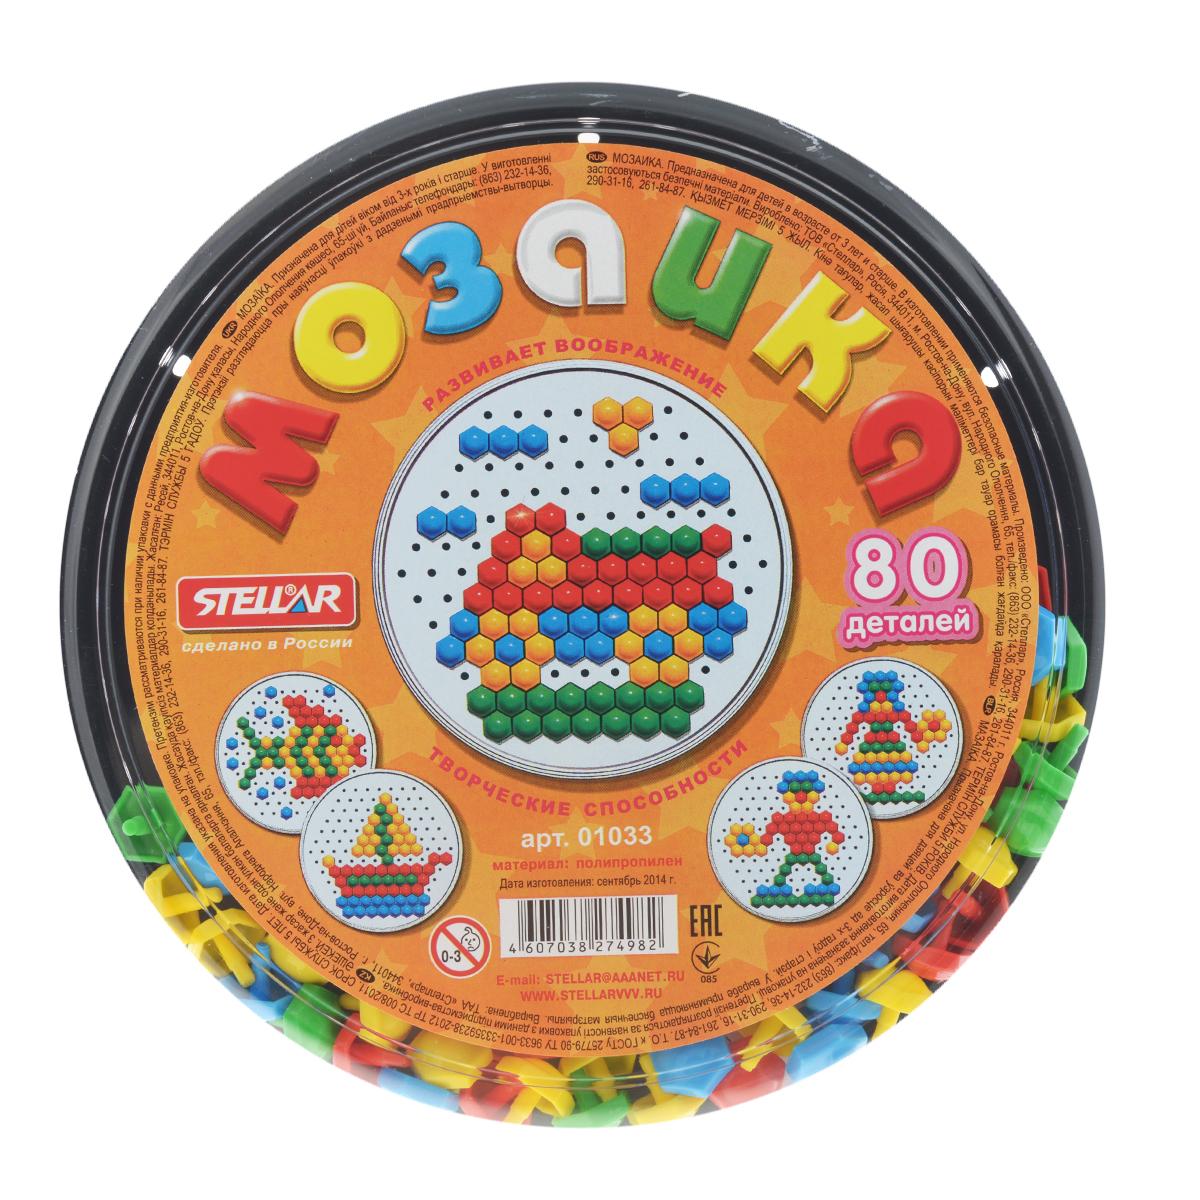 Мозаика Stellar, 80 элементов. 0103301033Мозаика Stellar - это яркая и увлекательная развивающая игра. Мозаика включает в себя игровое поле, которое также является контейнером для фишек, и 80 разноцветных выпуклых элементов, при помощи которых ребенок сможет создавать объемные цветные картинки. Для этого ему нужно лишь вставлять фишки в плату, руководствуясь изображениями на коробке или собственной фантазией. Элементы выполнены из полипропилена красного, желтого, зеленого и синего цветов. Эта универсальная мозаика раскрывает перед ребенком неограниченные возможности моделирования и создания собственных шедевров. Оригинальная конструкция платы позволяет легко вставлять и фиксировать фишки, предотвращая их выпадение при переворачивании или переноске собранной картинки. Игры с мозаикой способствуют развитию у малышей мелкой моторики рук, координации движений, внимательности, логического и абстрактного мышления, ориентировку на плоскости, а также воображения и творческих способностей.